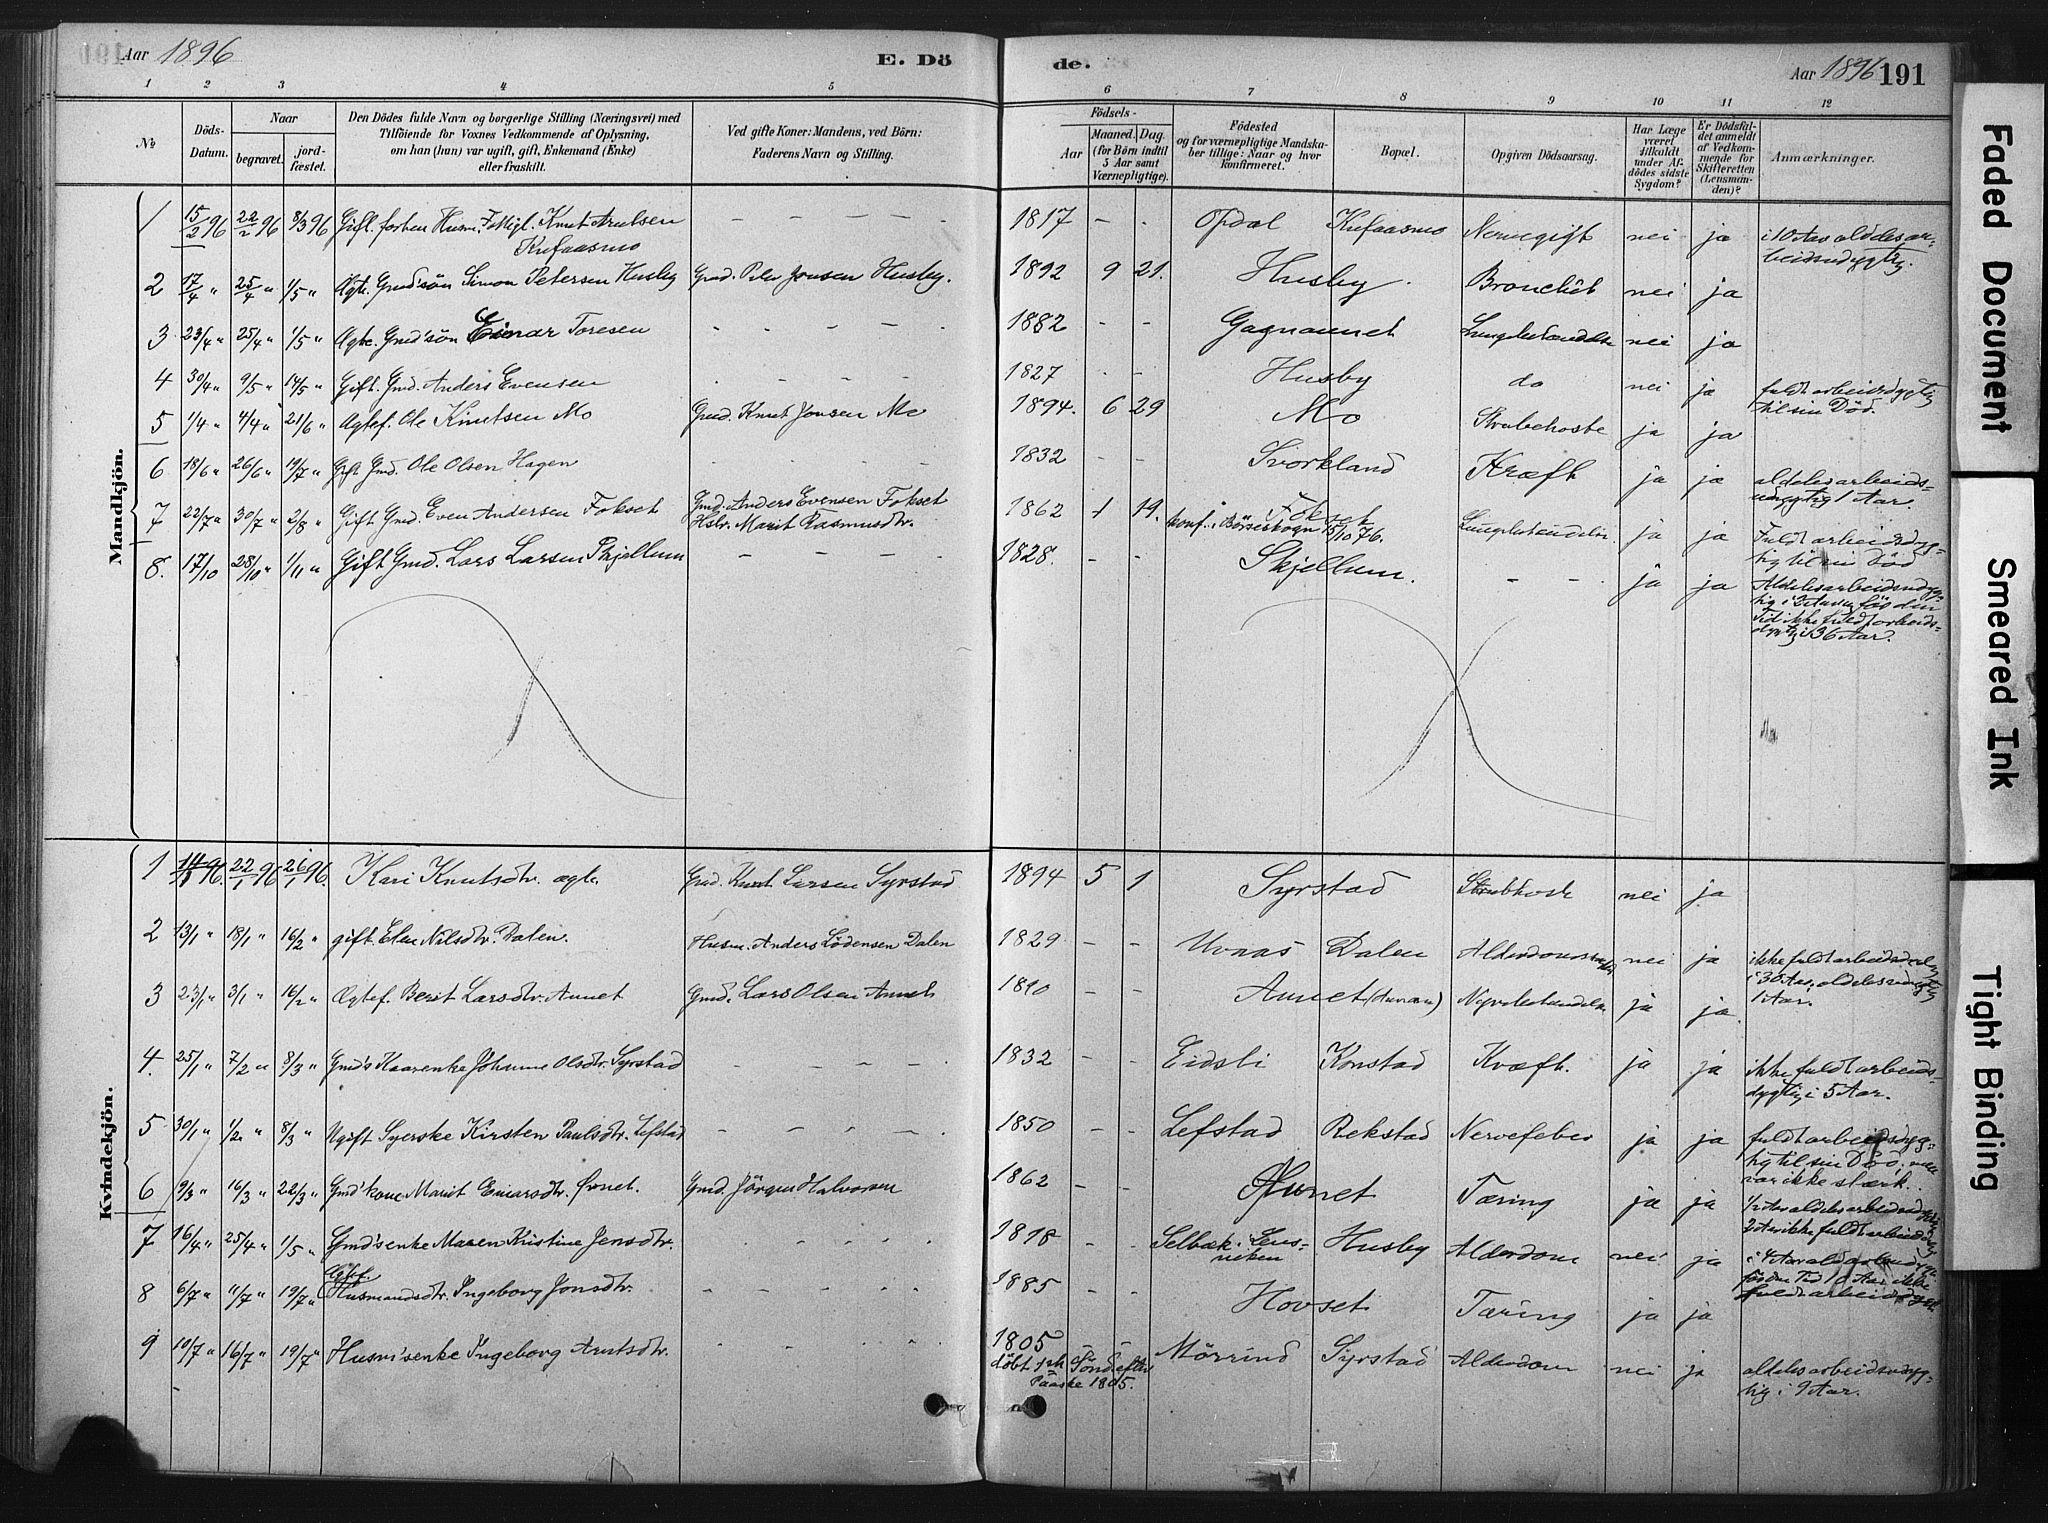 SAT, Ministerialprotokoller, klokkerbøker og fødselsregistre - Sør-Trøndelag, 667/L0795: Ministerialbok nr. 667A03, 1879-1907, s. 191